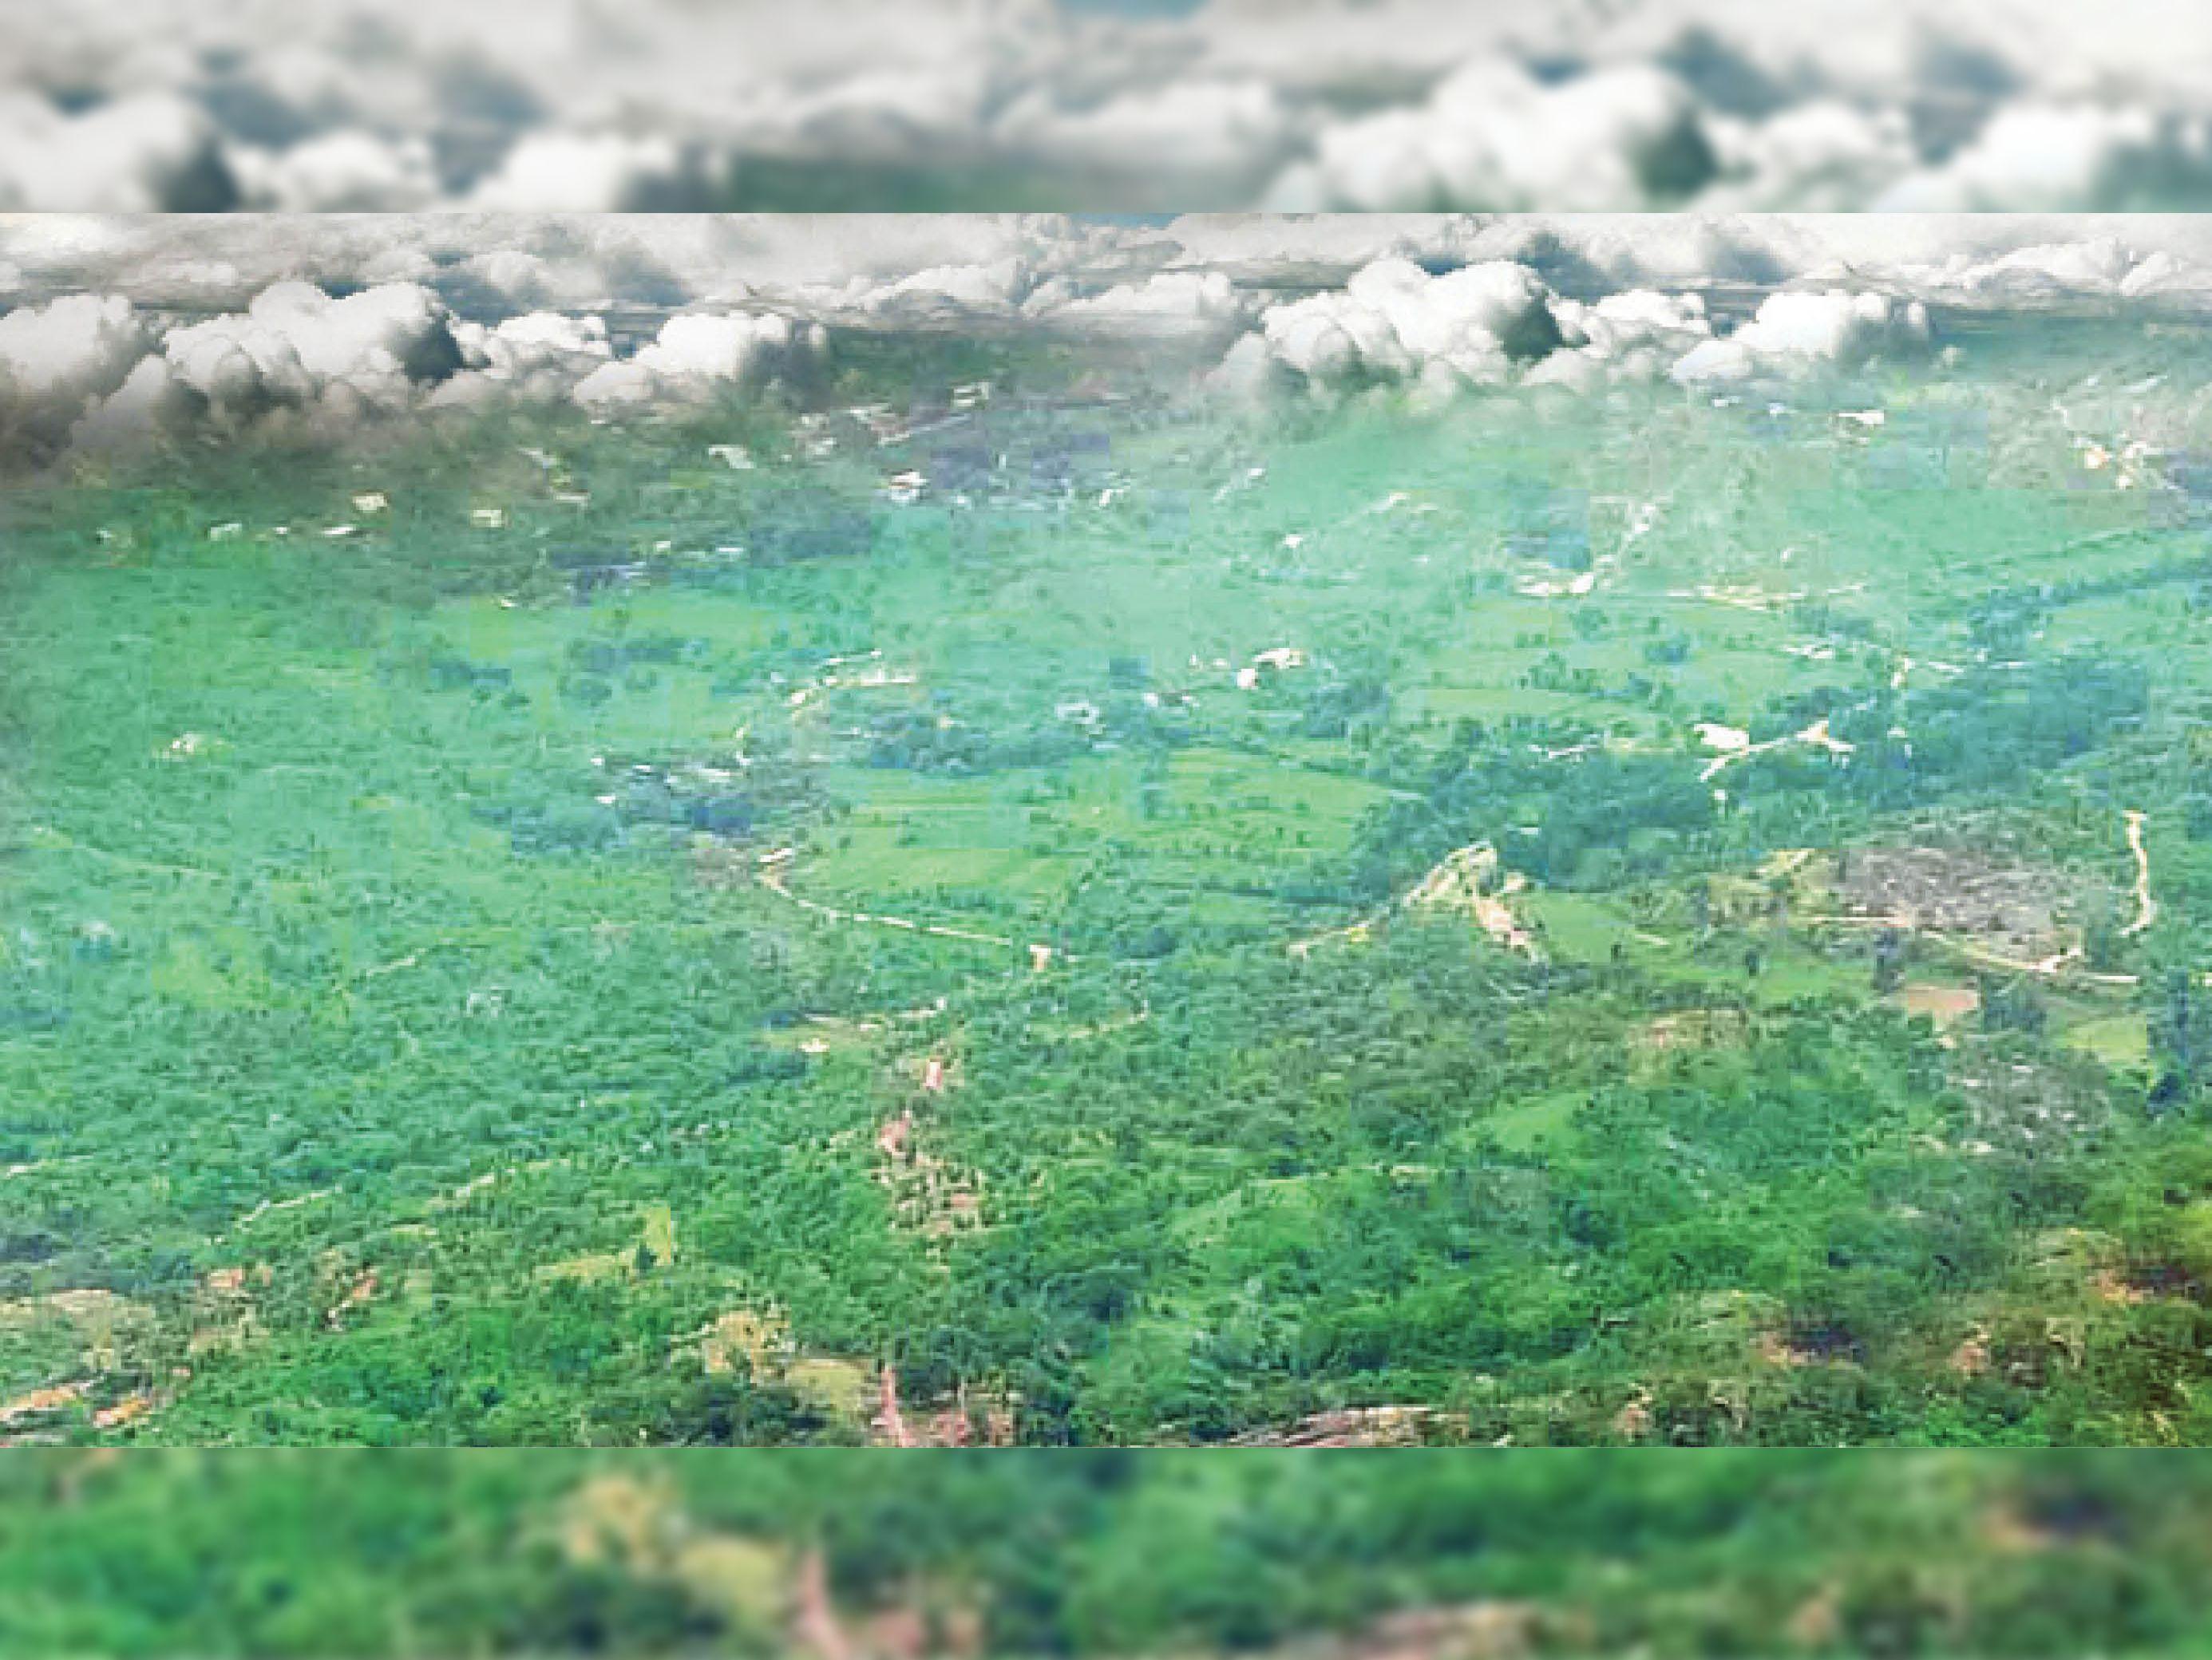 गोरमघाट क्षेत्र में बारिश के बाद पहाड़ियां हरियाली से आच्छादित हैं। - Dainik Bhaskar